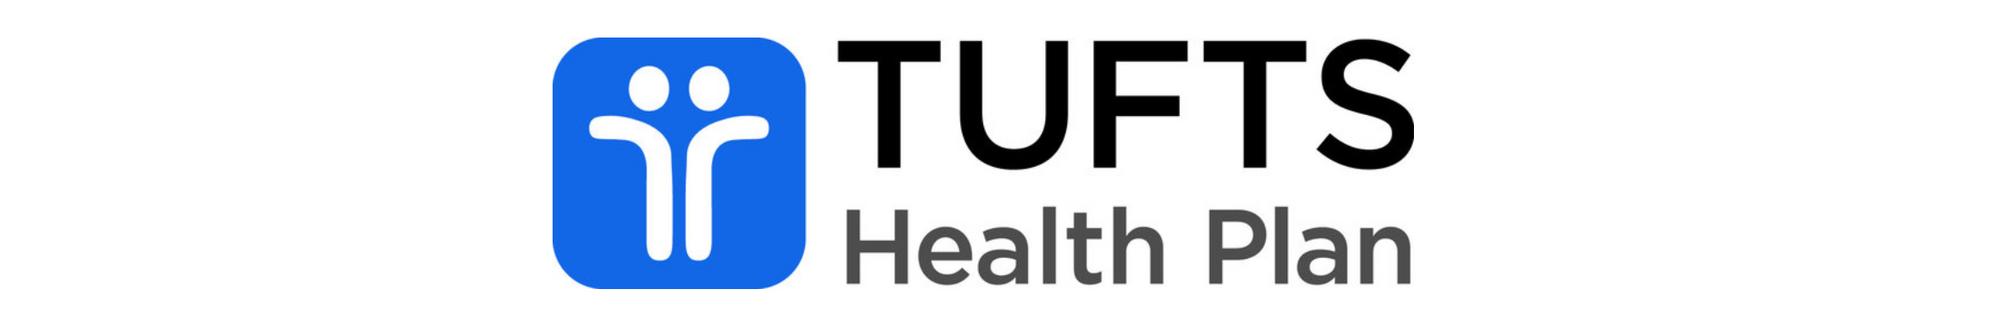 Tufts.jpg